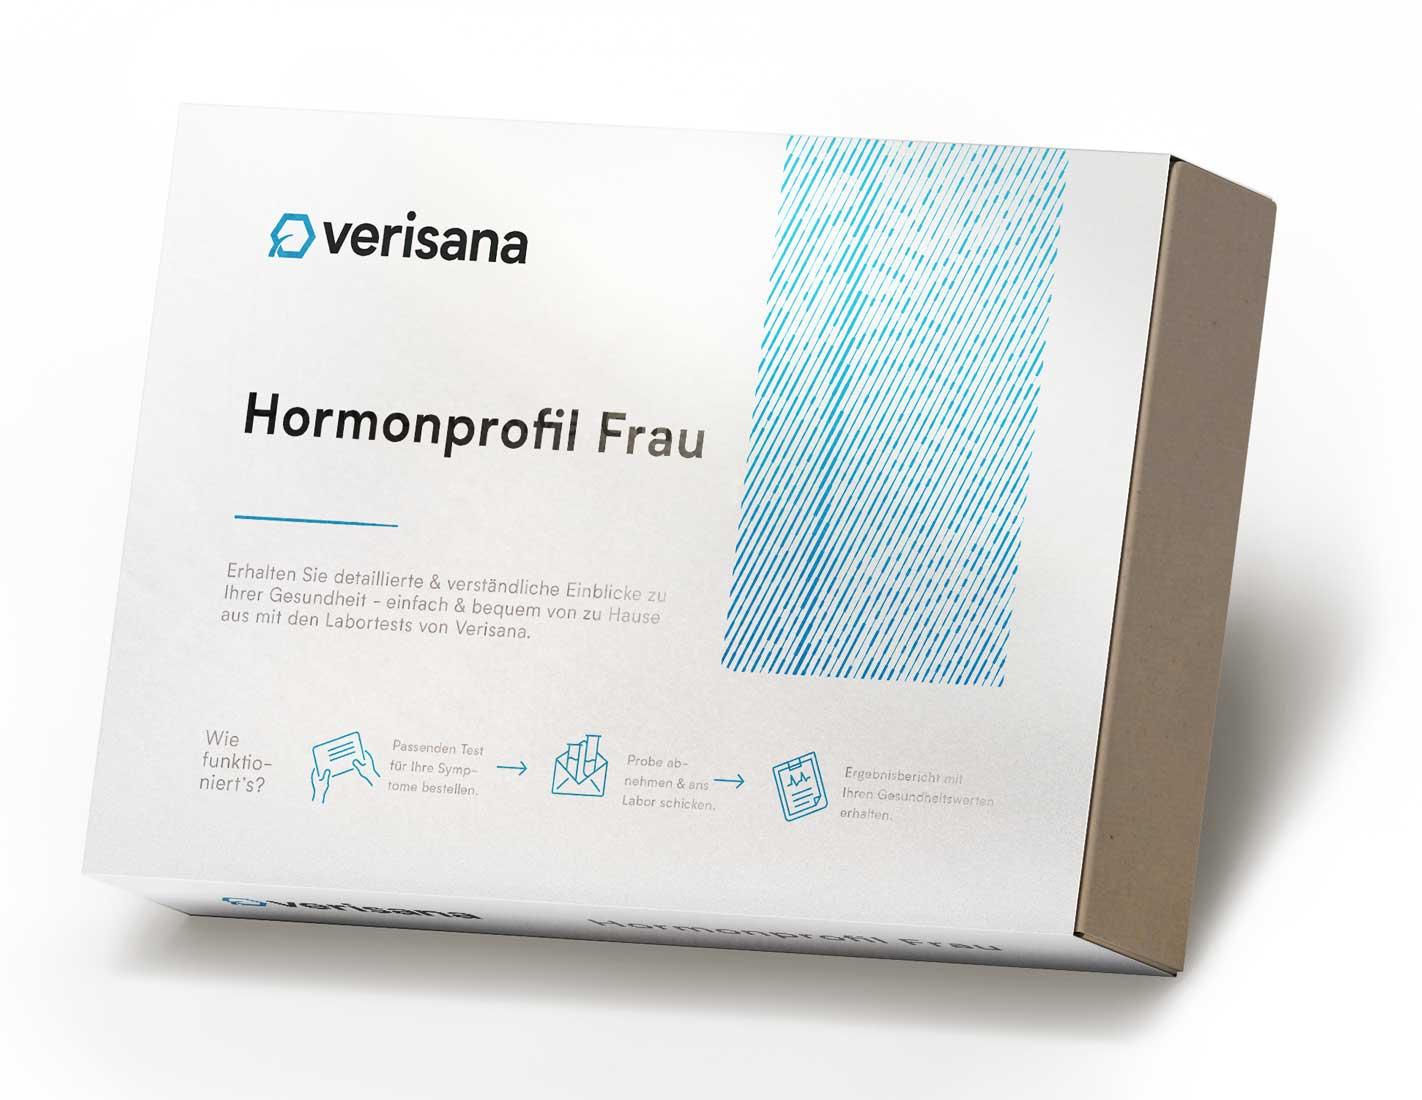 Hormonprofil Frau, Speicheltest auf fünf Hormone